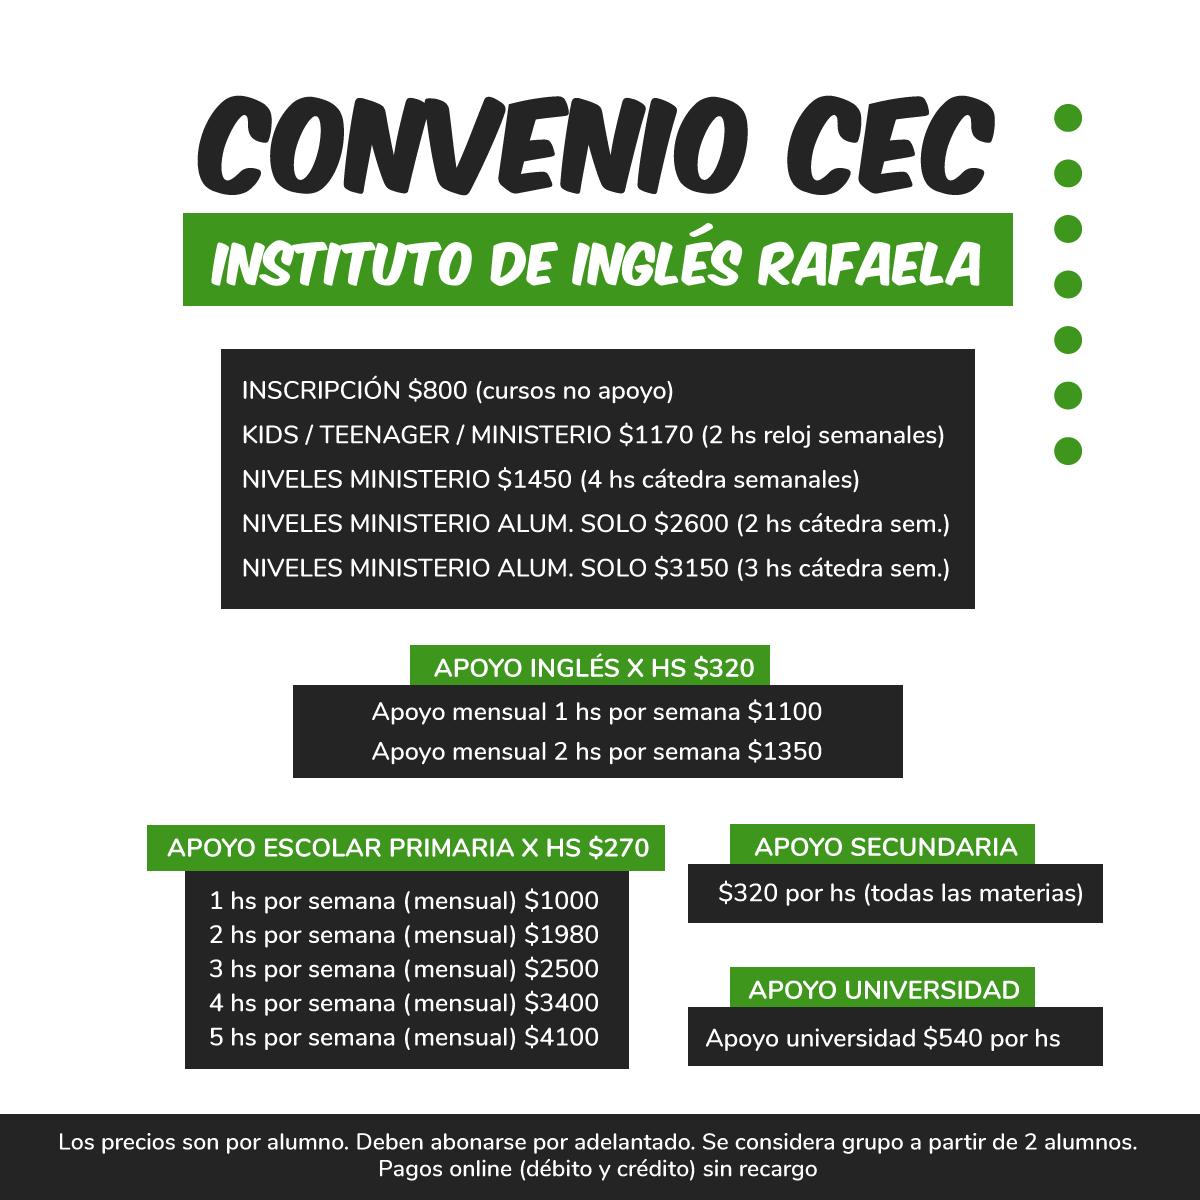 Información acerca del convenio